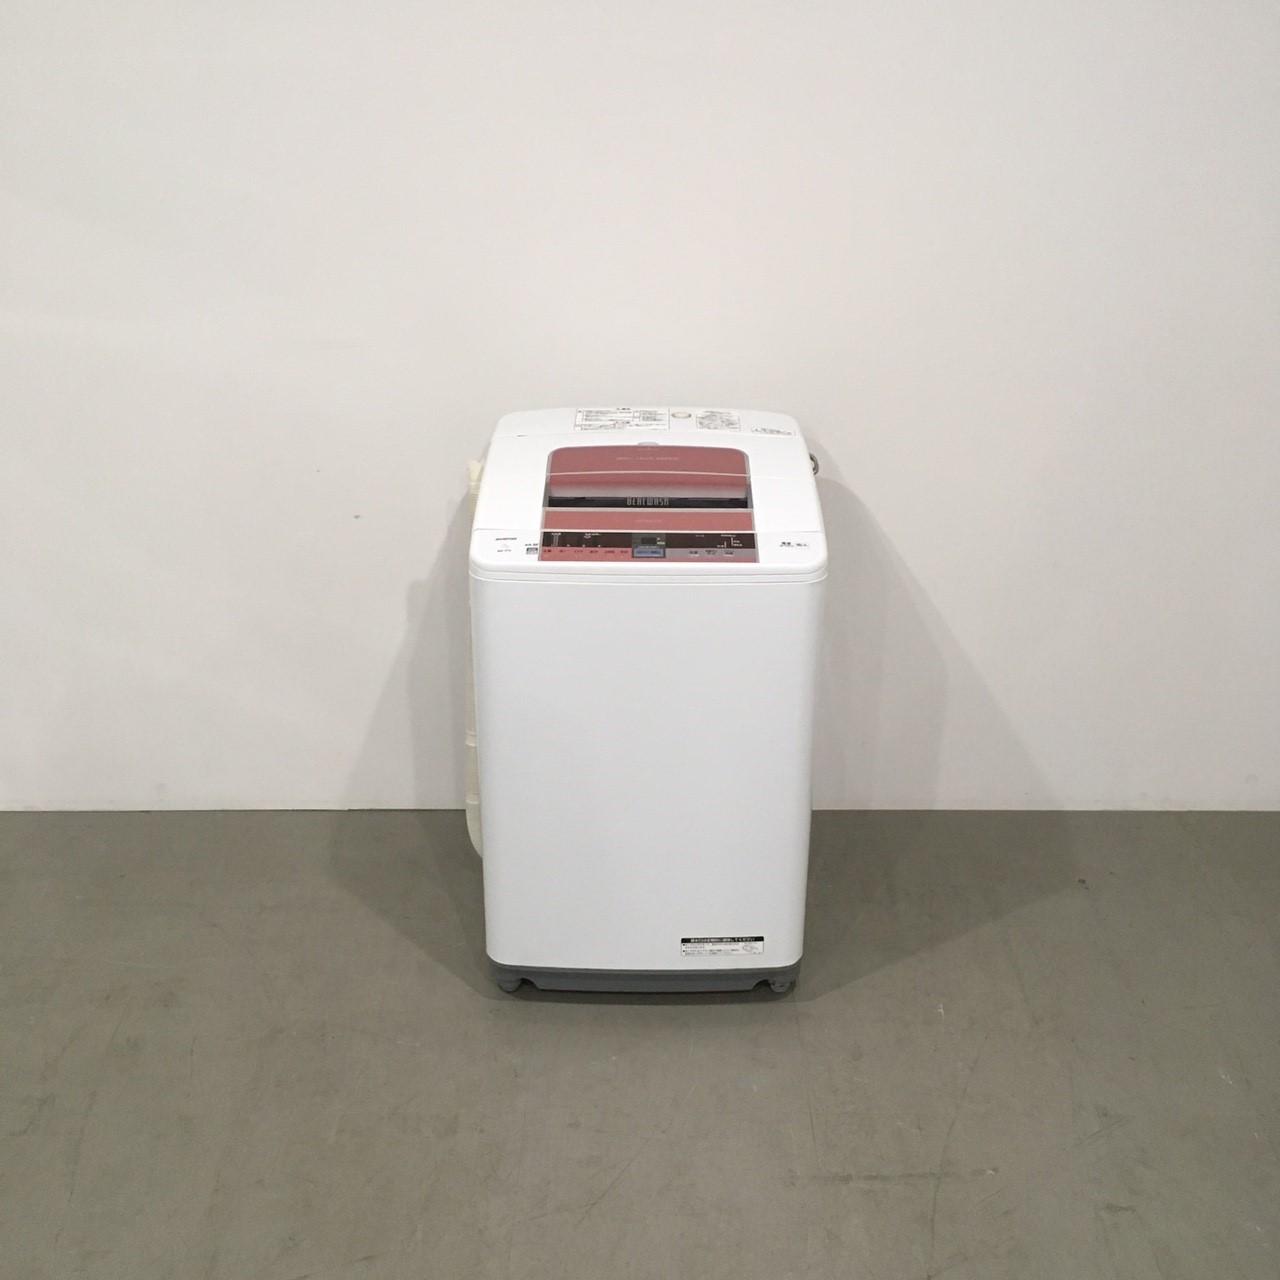 【極美品】日立 全自動洗濯機 BW-7TV 2015年製 ビートウォッシュ